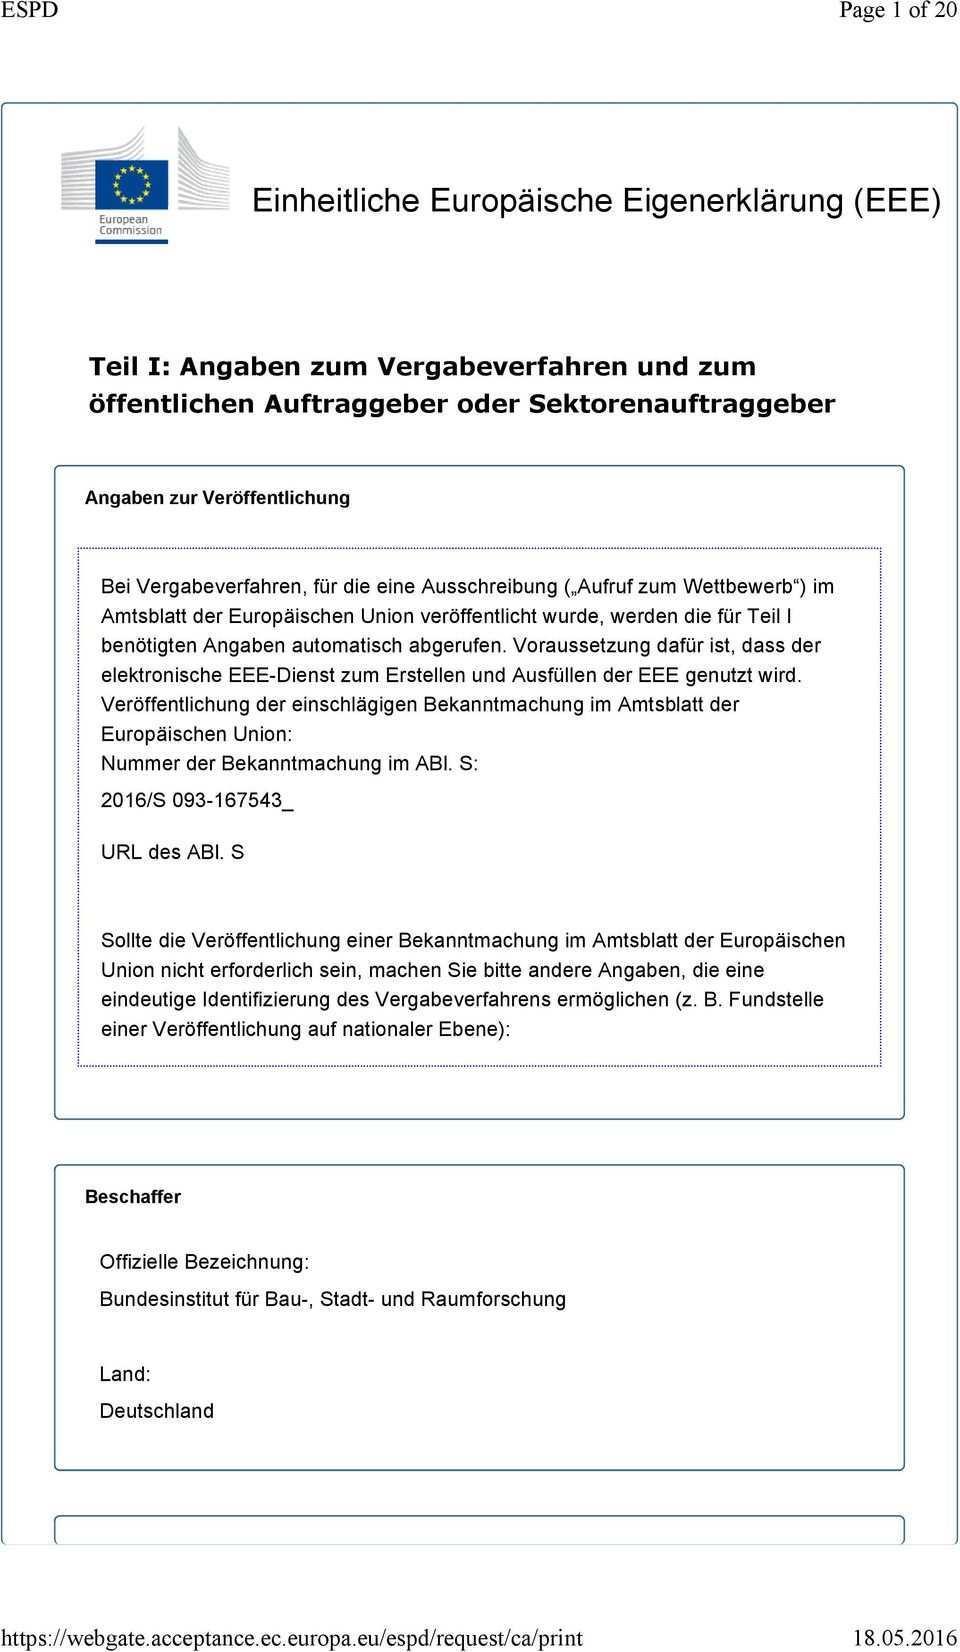 Einheitliche Europaische Eigenerklarung Eee Pdf Free Download